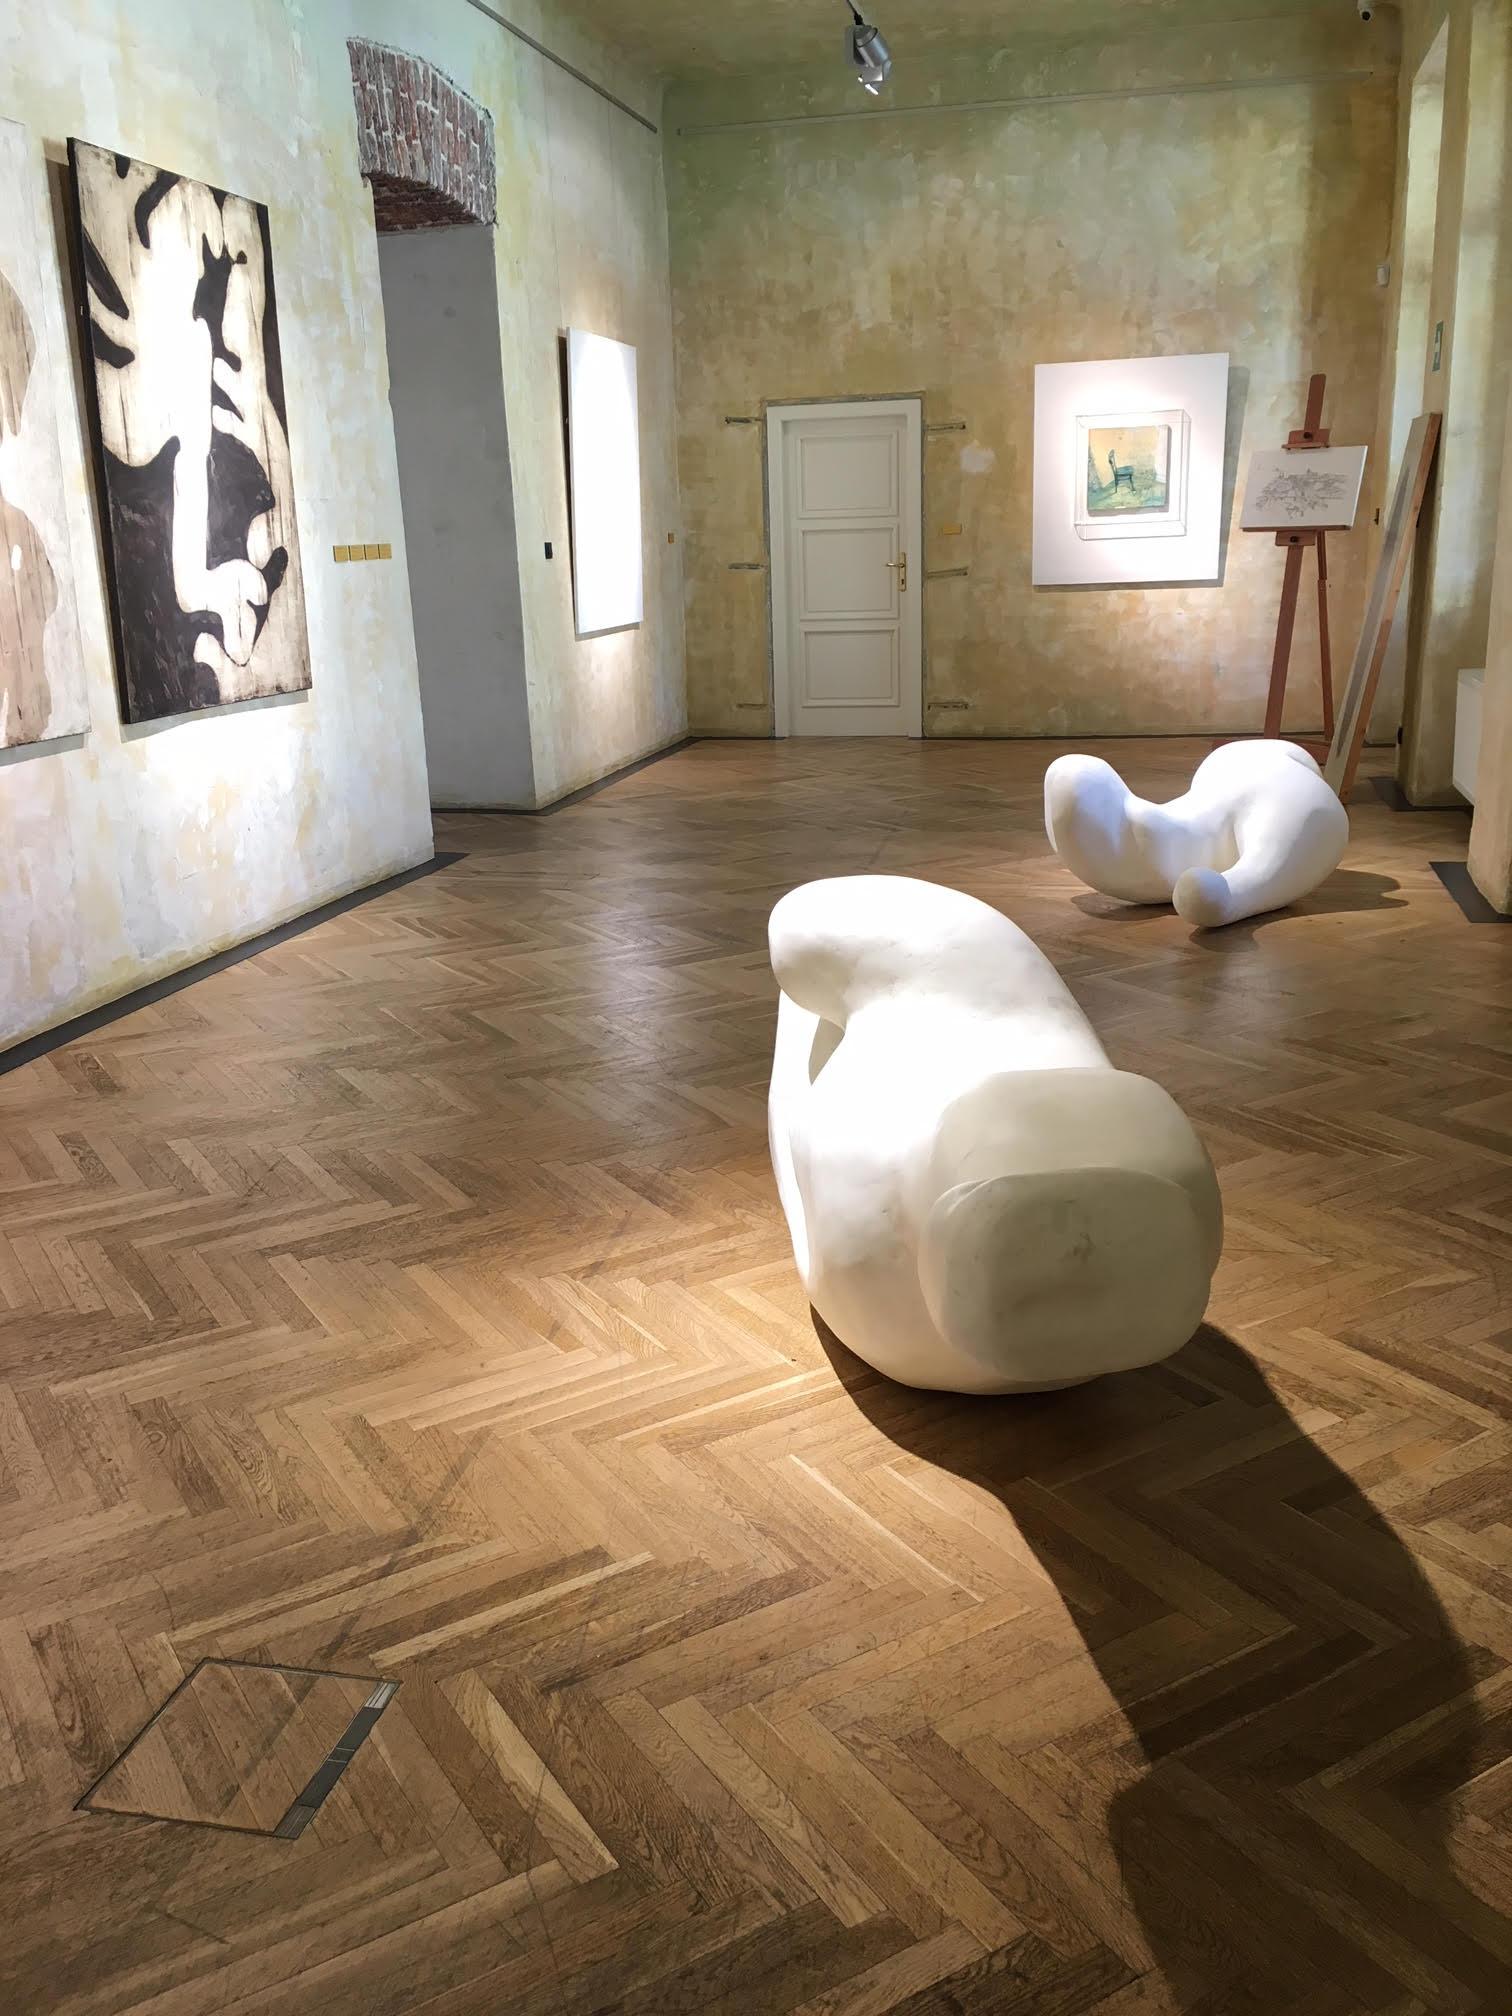 Cermak Gallery 3.jpg